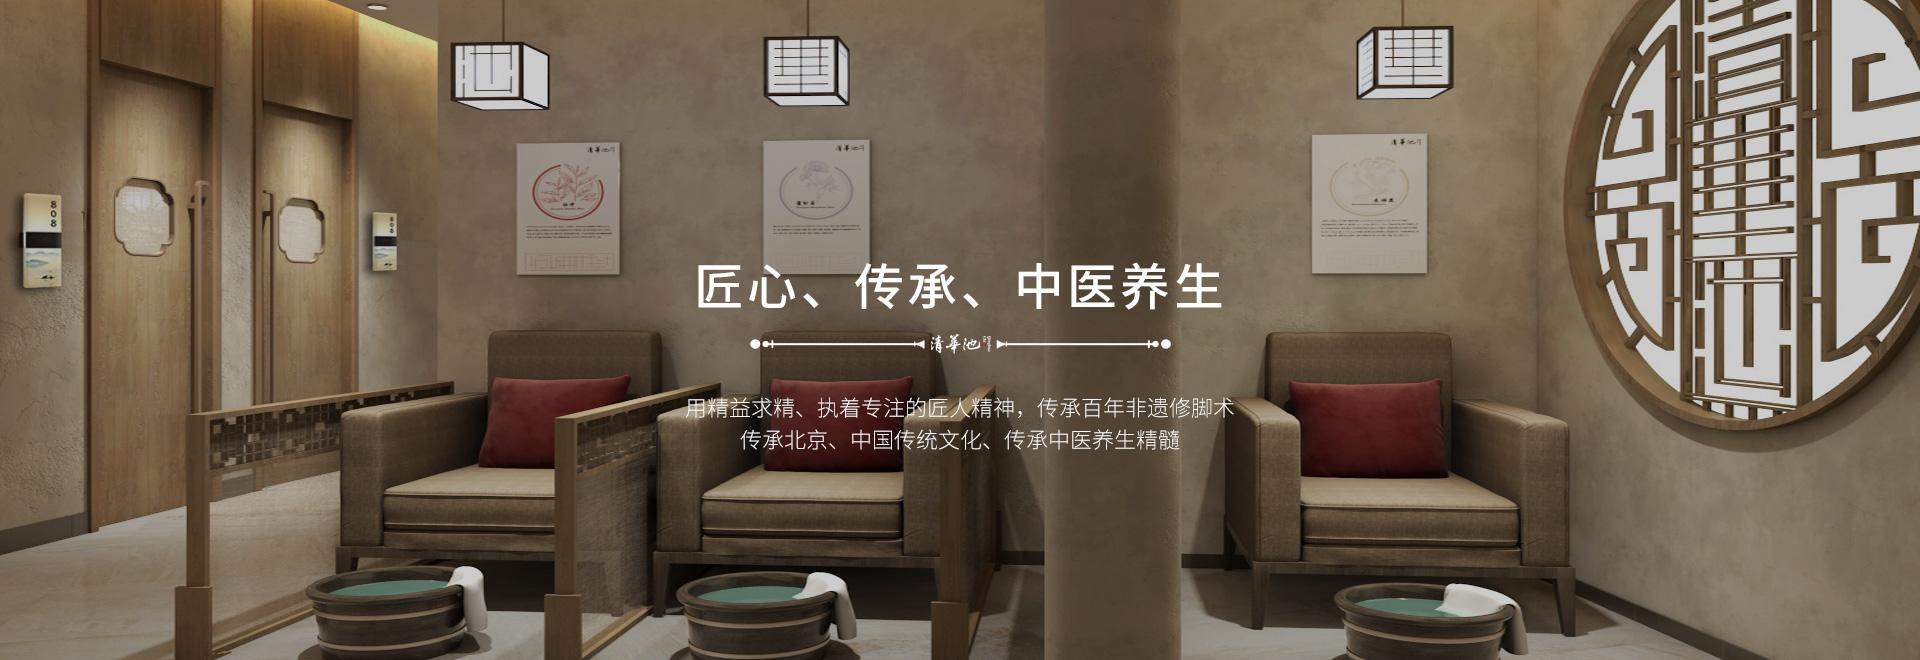 匠心、传承、中医开元66棋牌官网